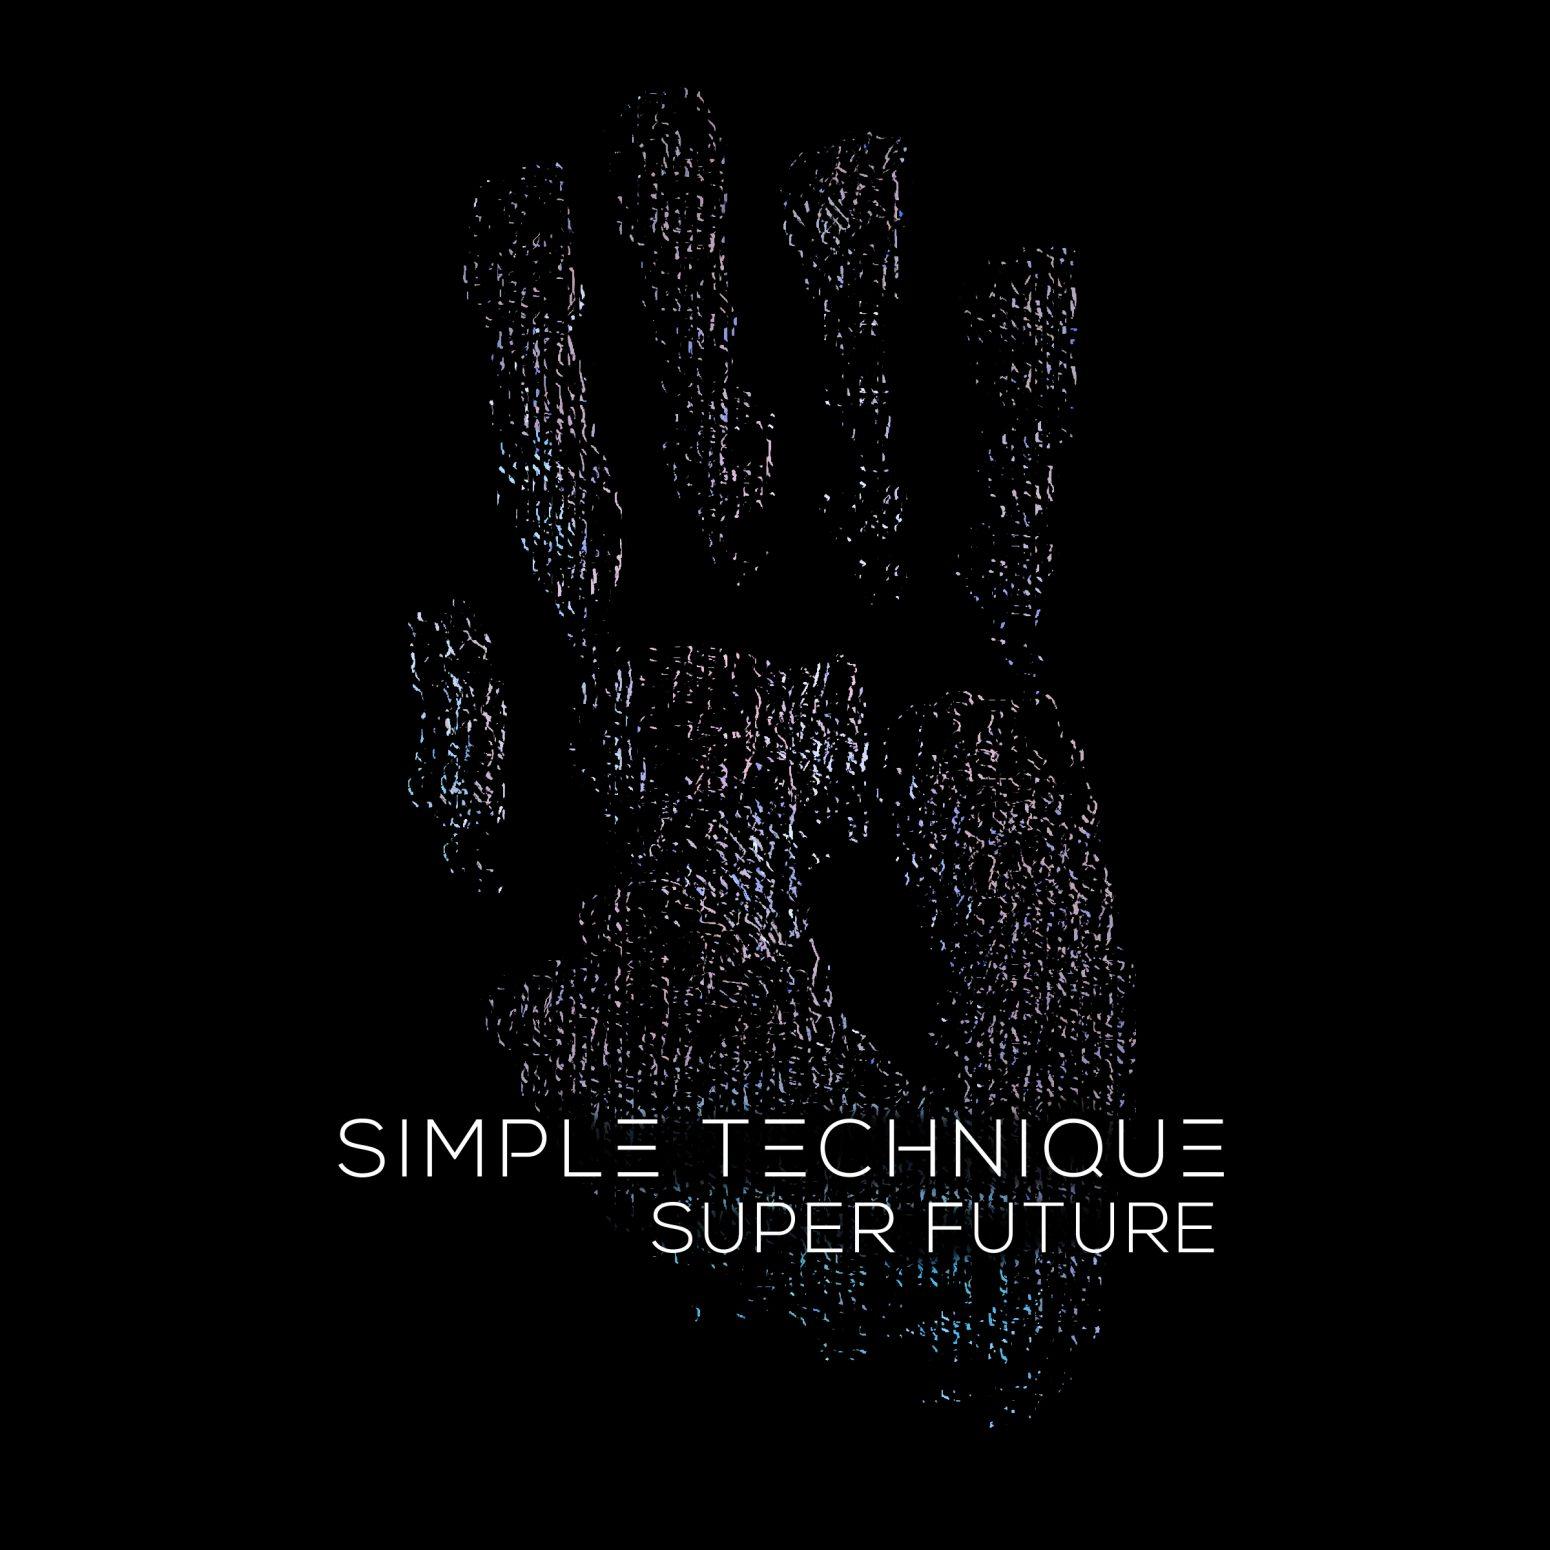 Simple Technique - Superfuture Artwork